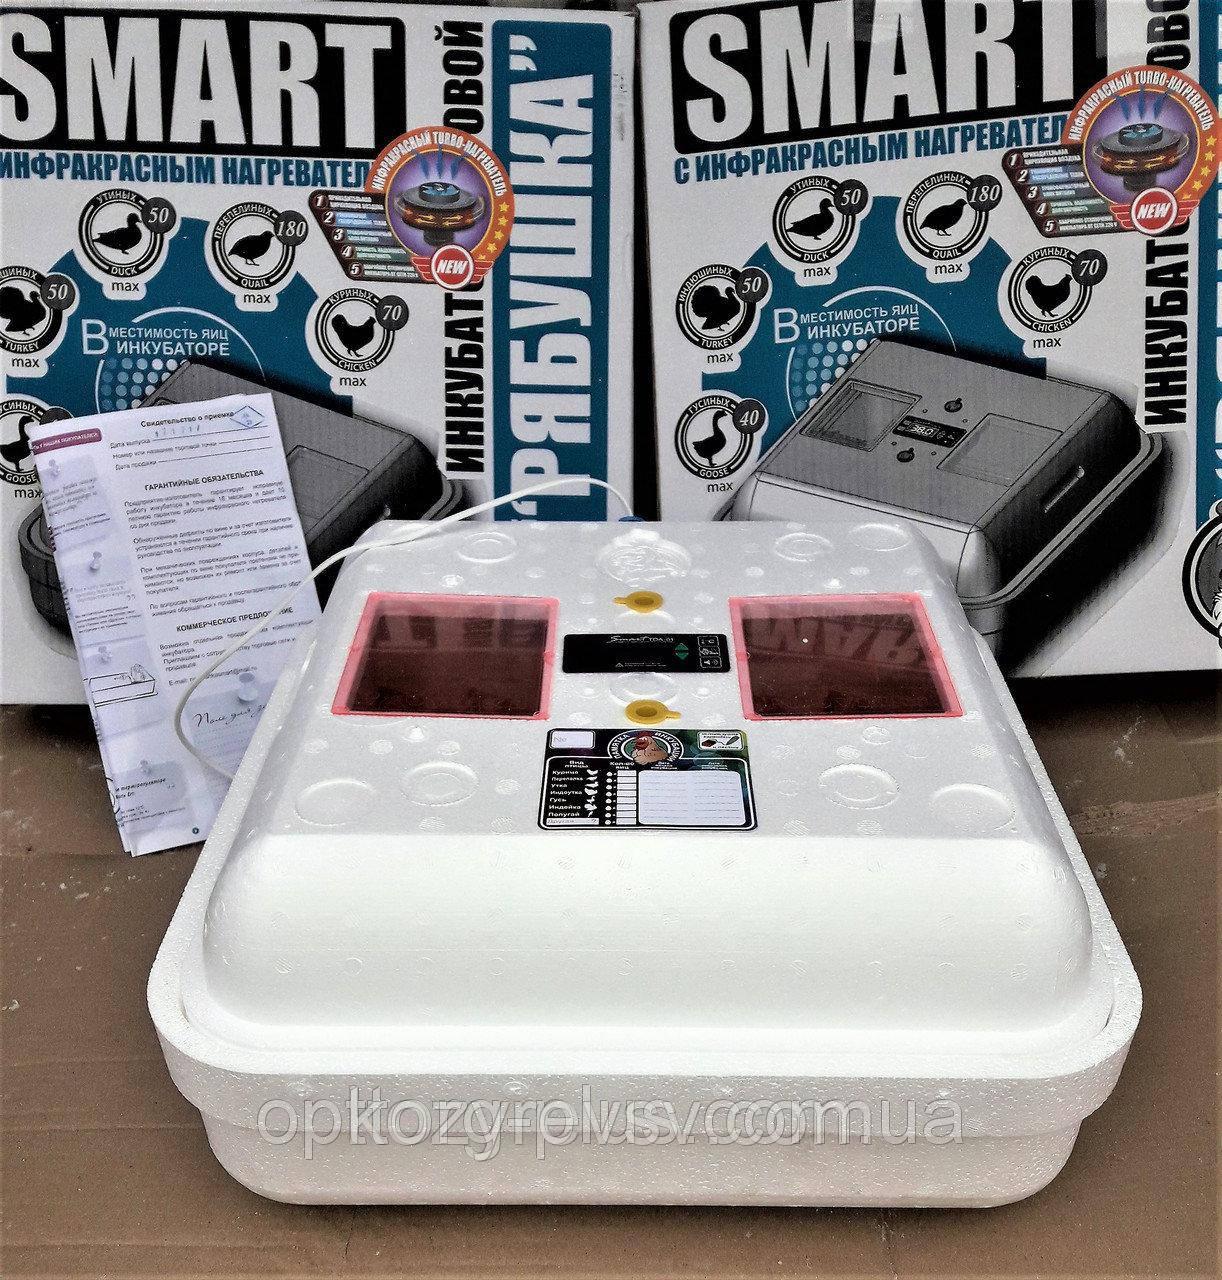 Инкубатор Рябушка Smart Turbo -70 цифровой с механическим или ручным переворотом,инфракрасным нагревателем и в